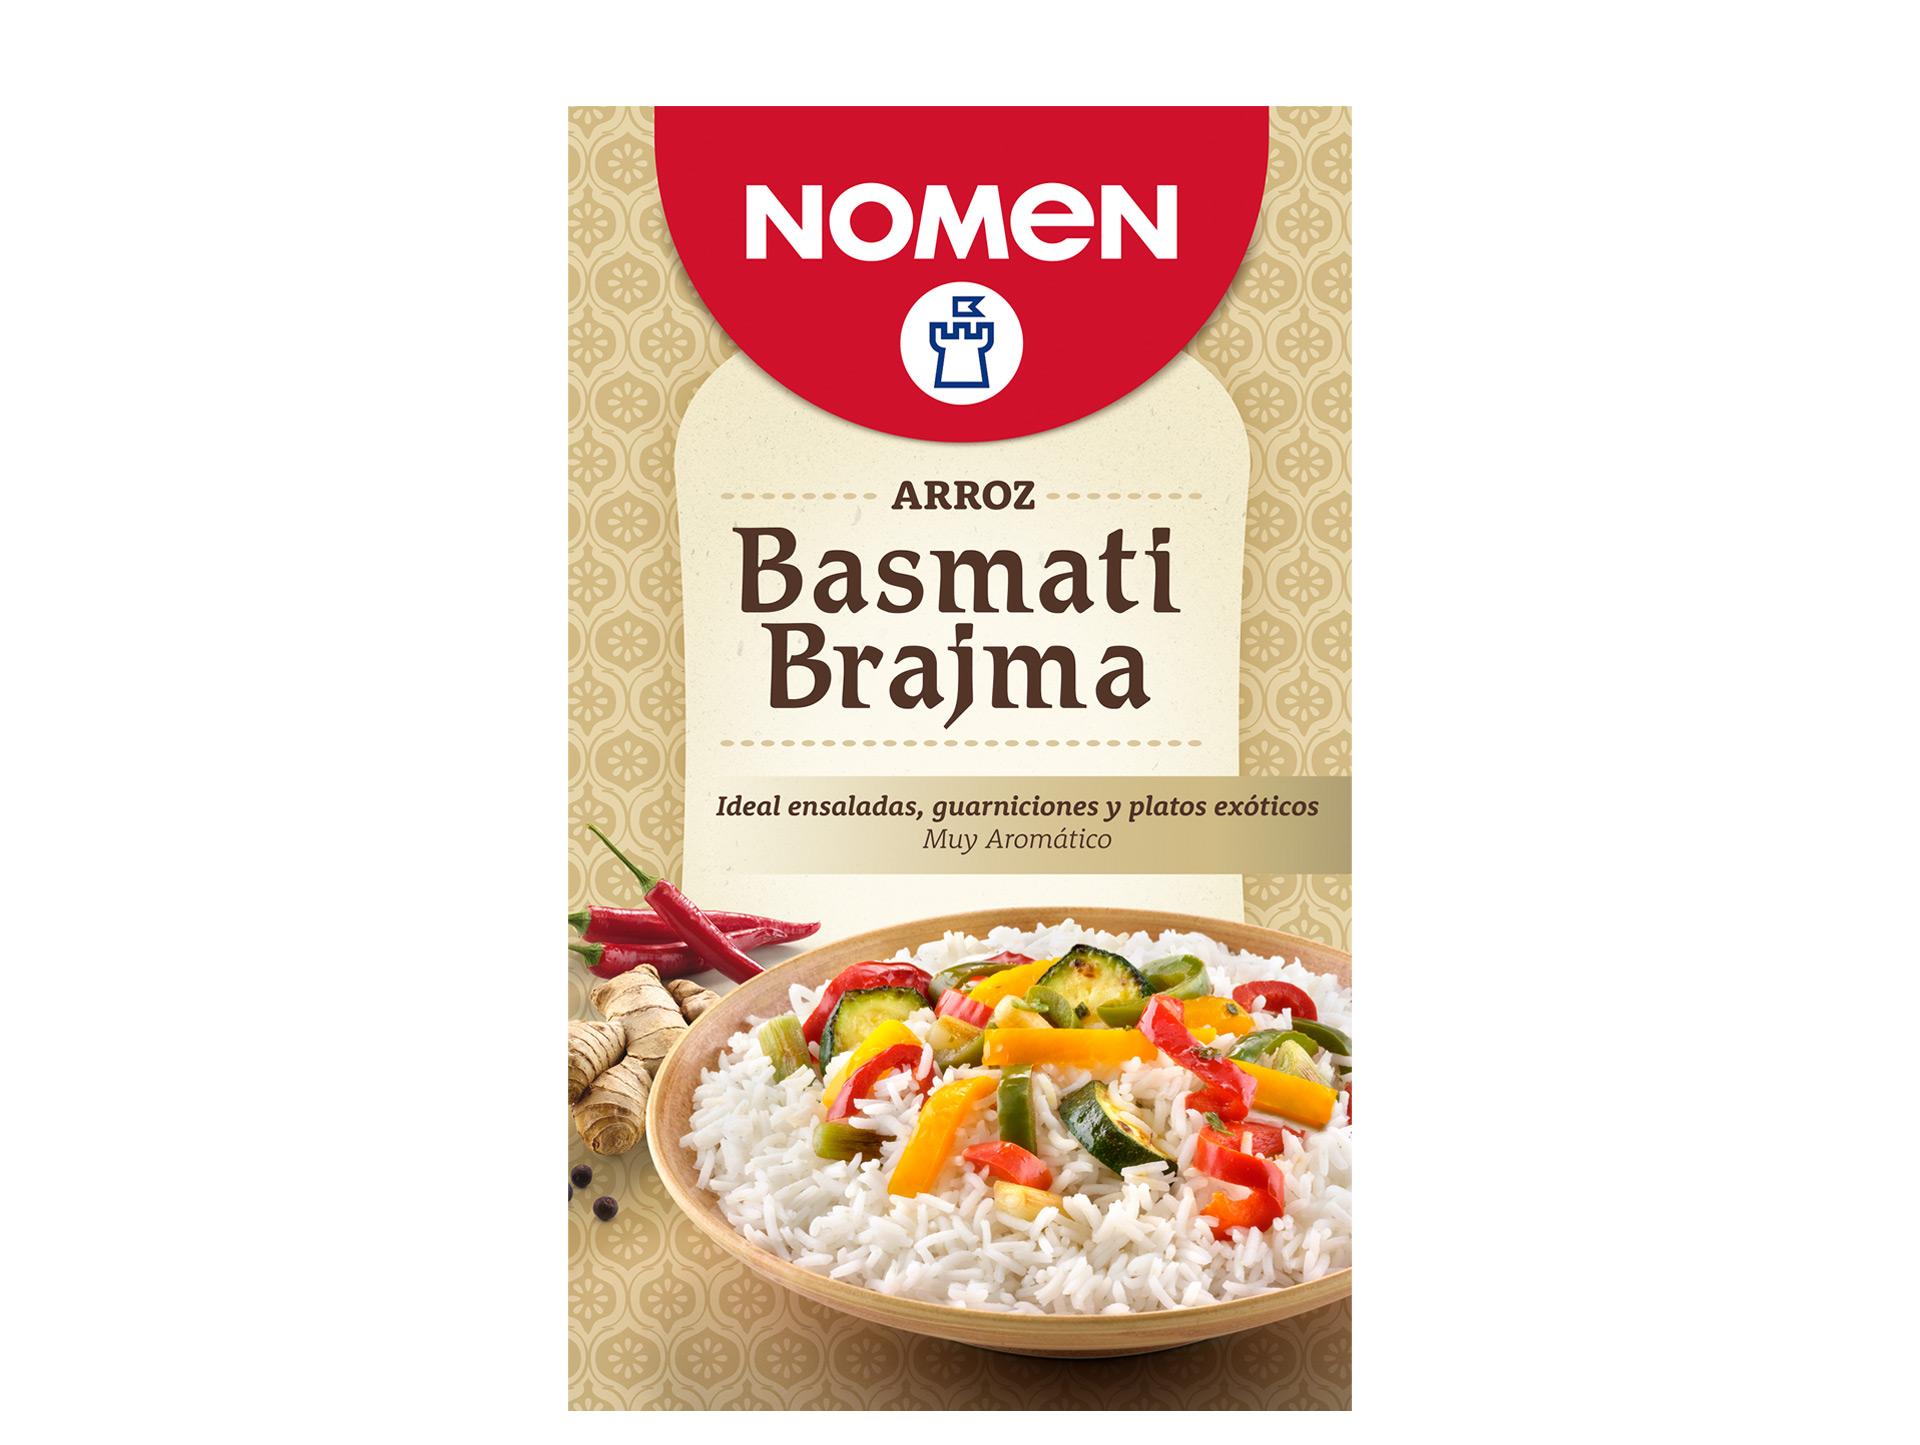 Nomen_basmati-brajma.jpg